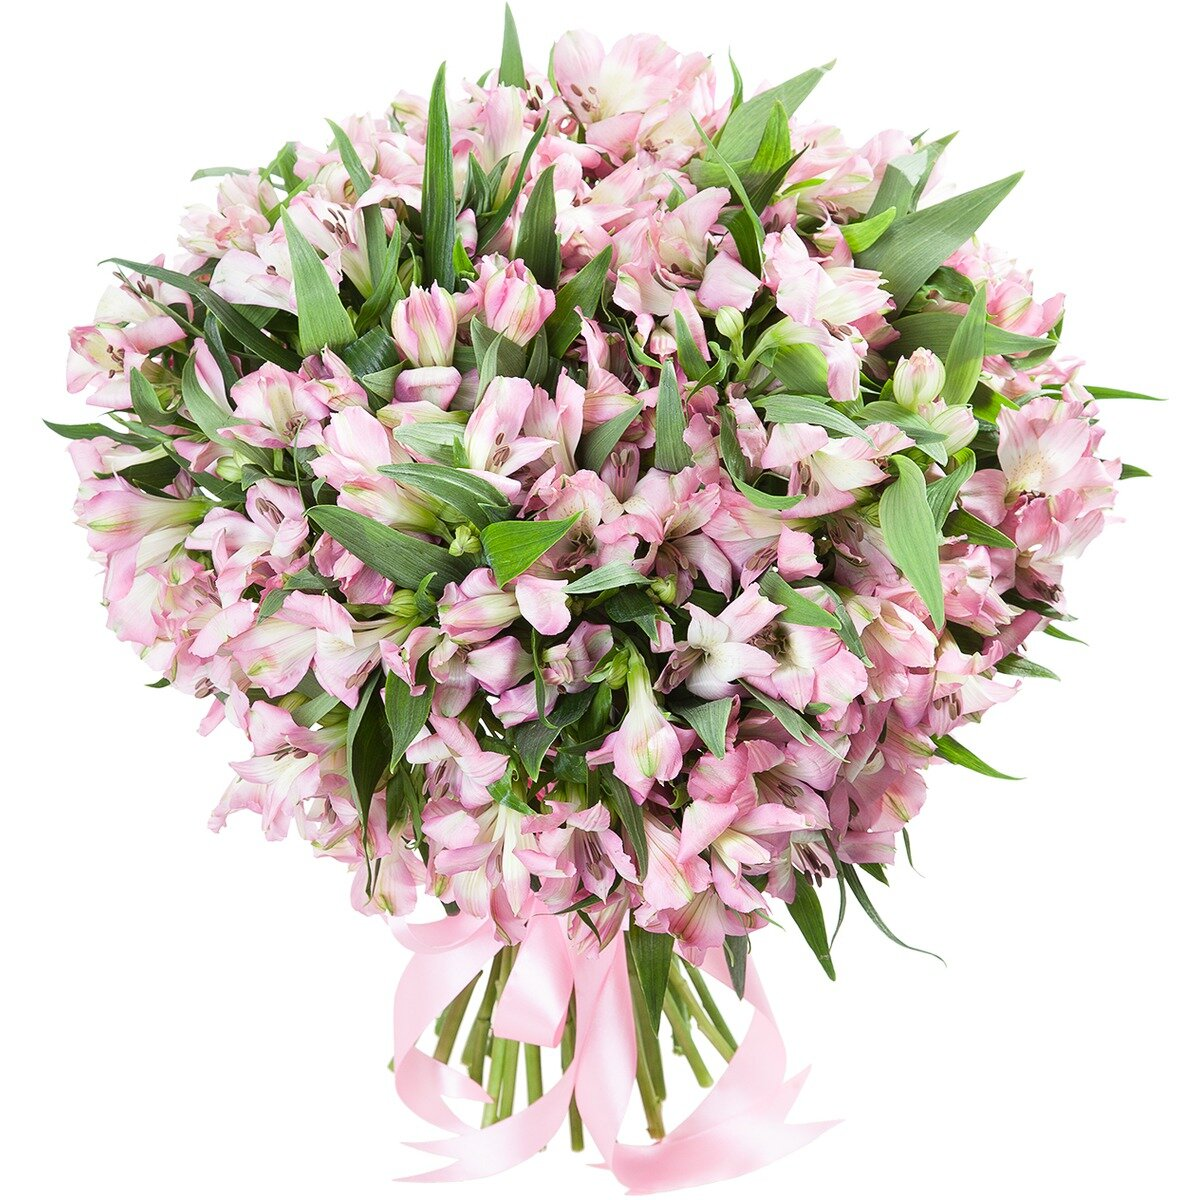 Букетные цветы каталог с фотографиями, альстромерия букеты церетели